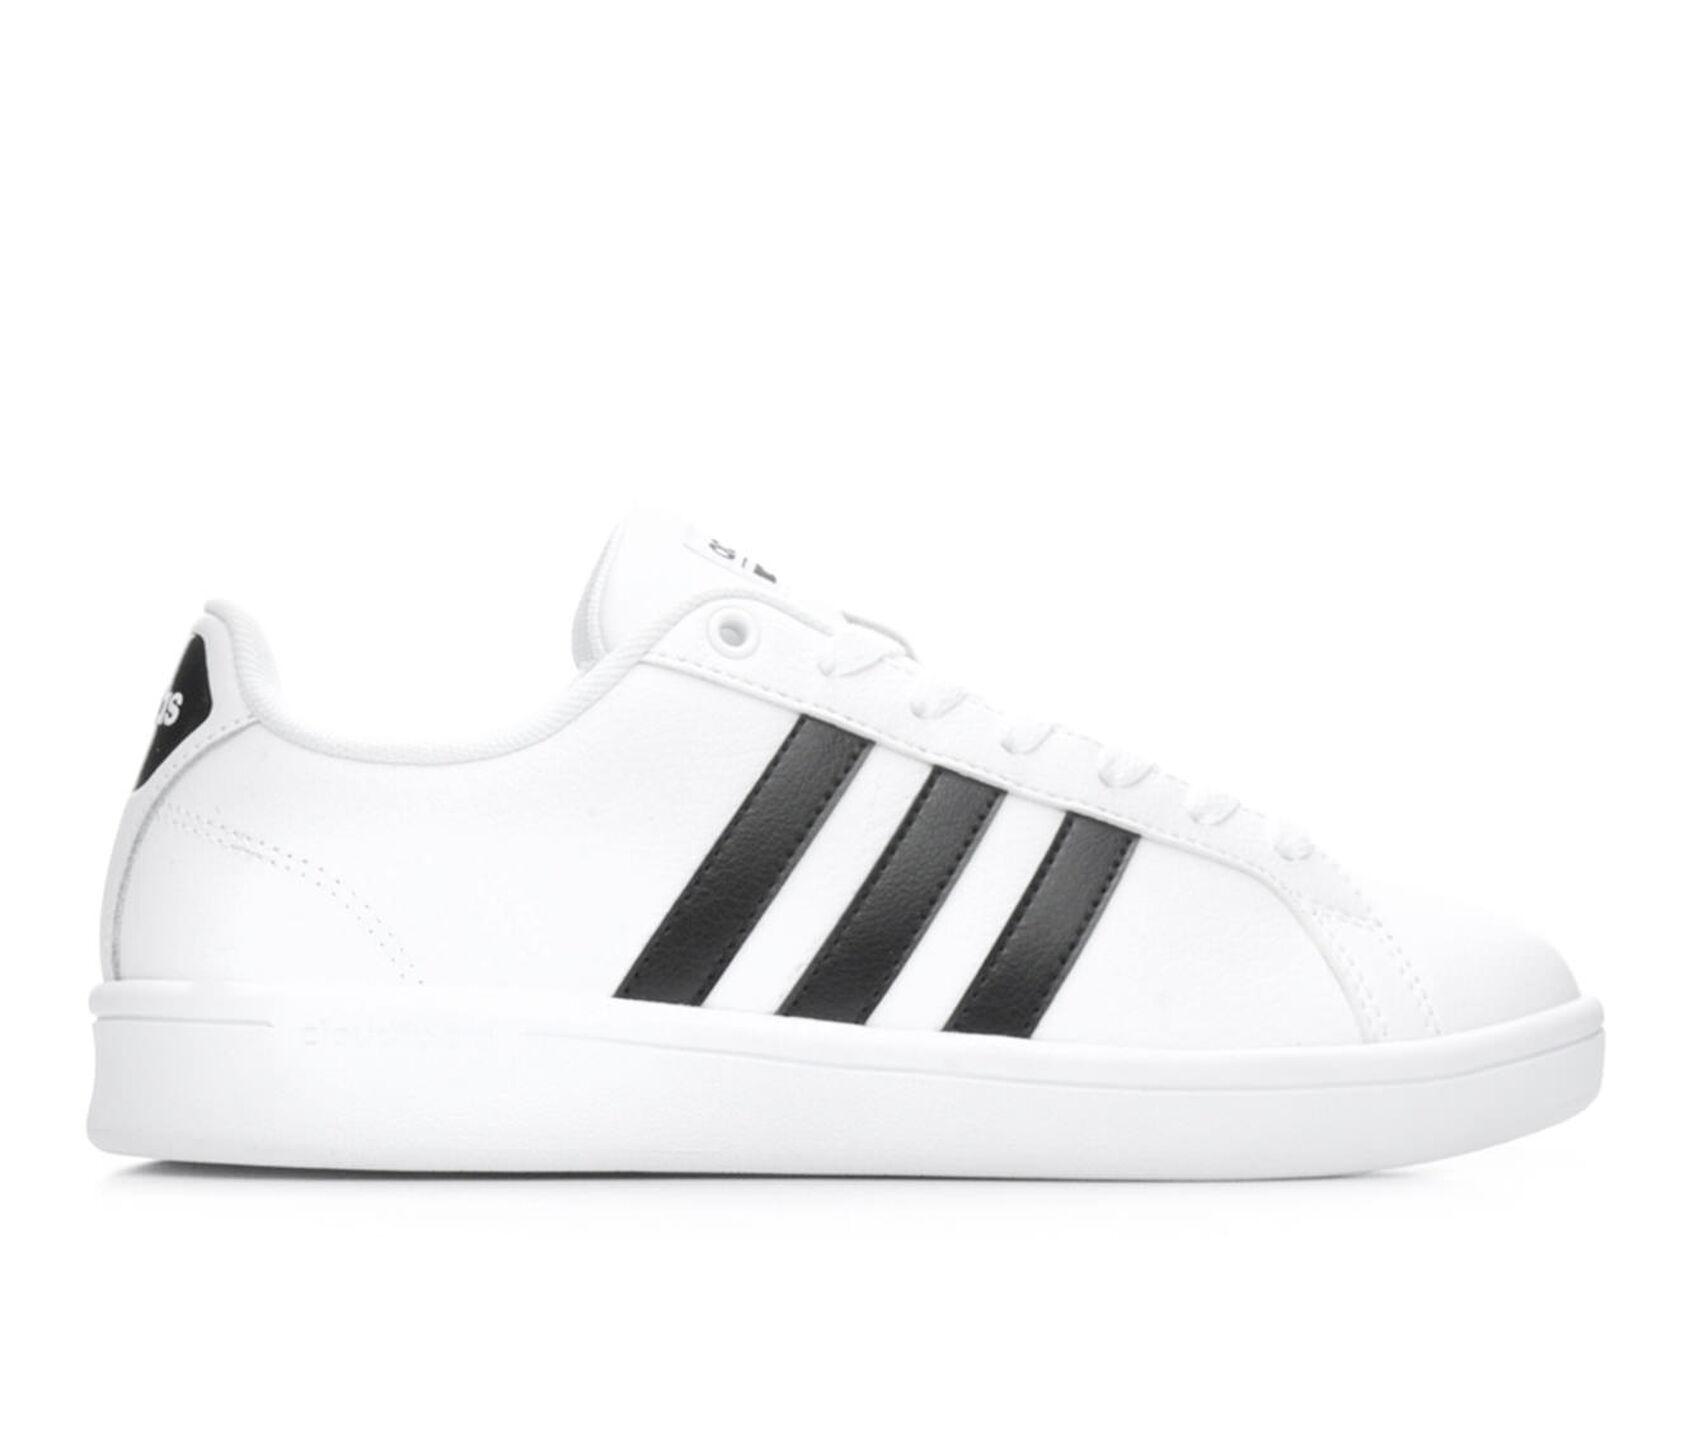 1ddca0916c1 Women's Adidas Advantage Stripes Sneakers | Shoe Carnival